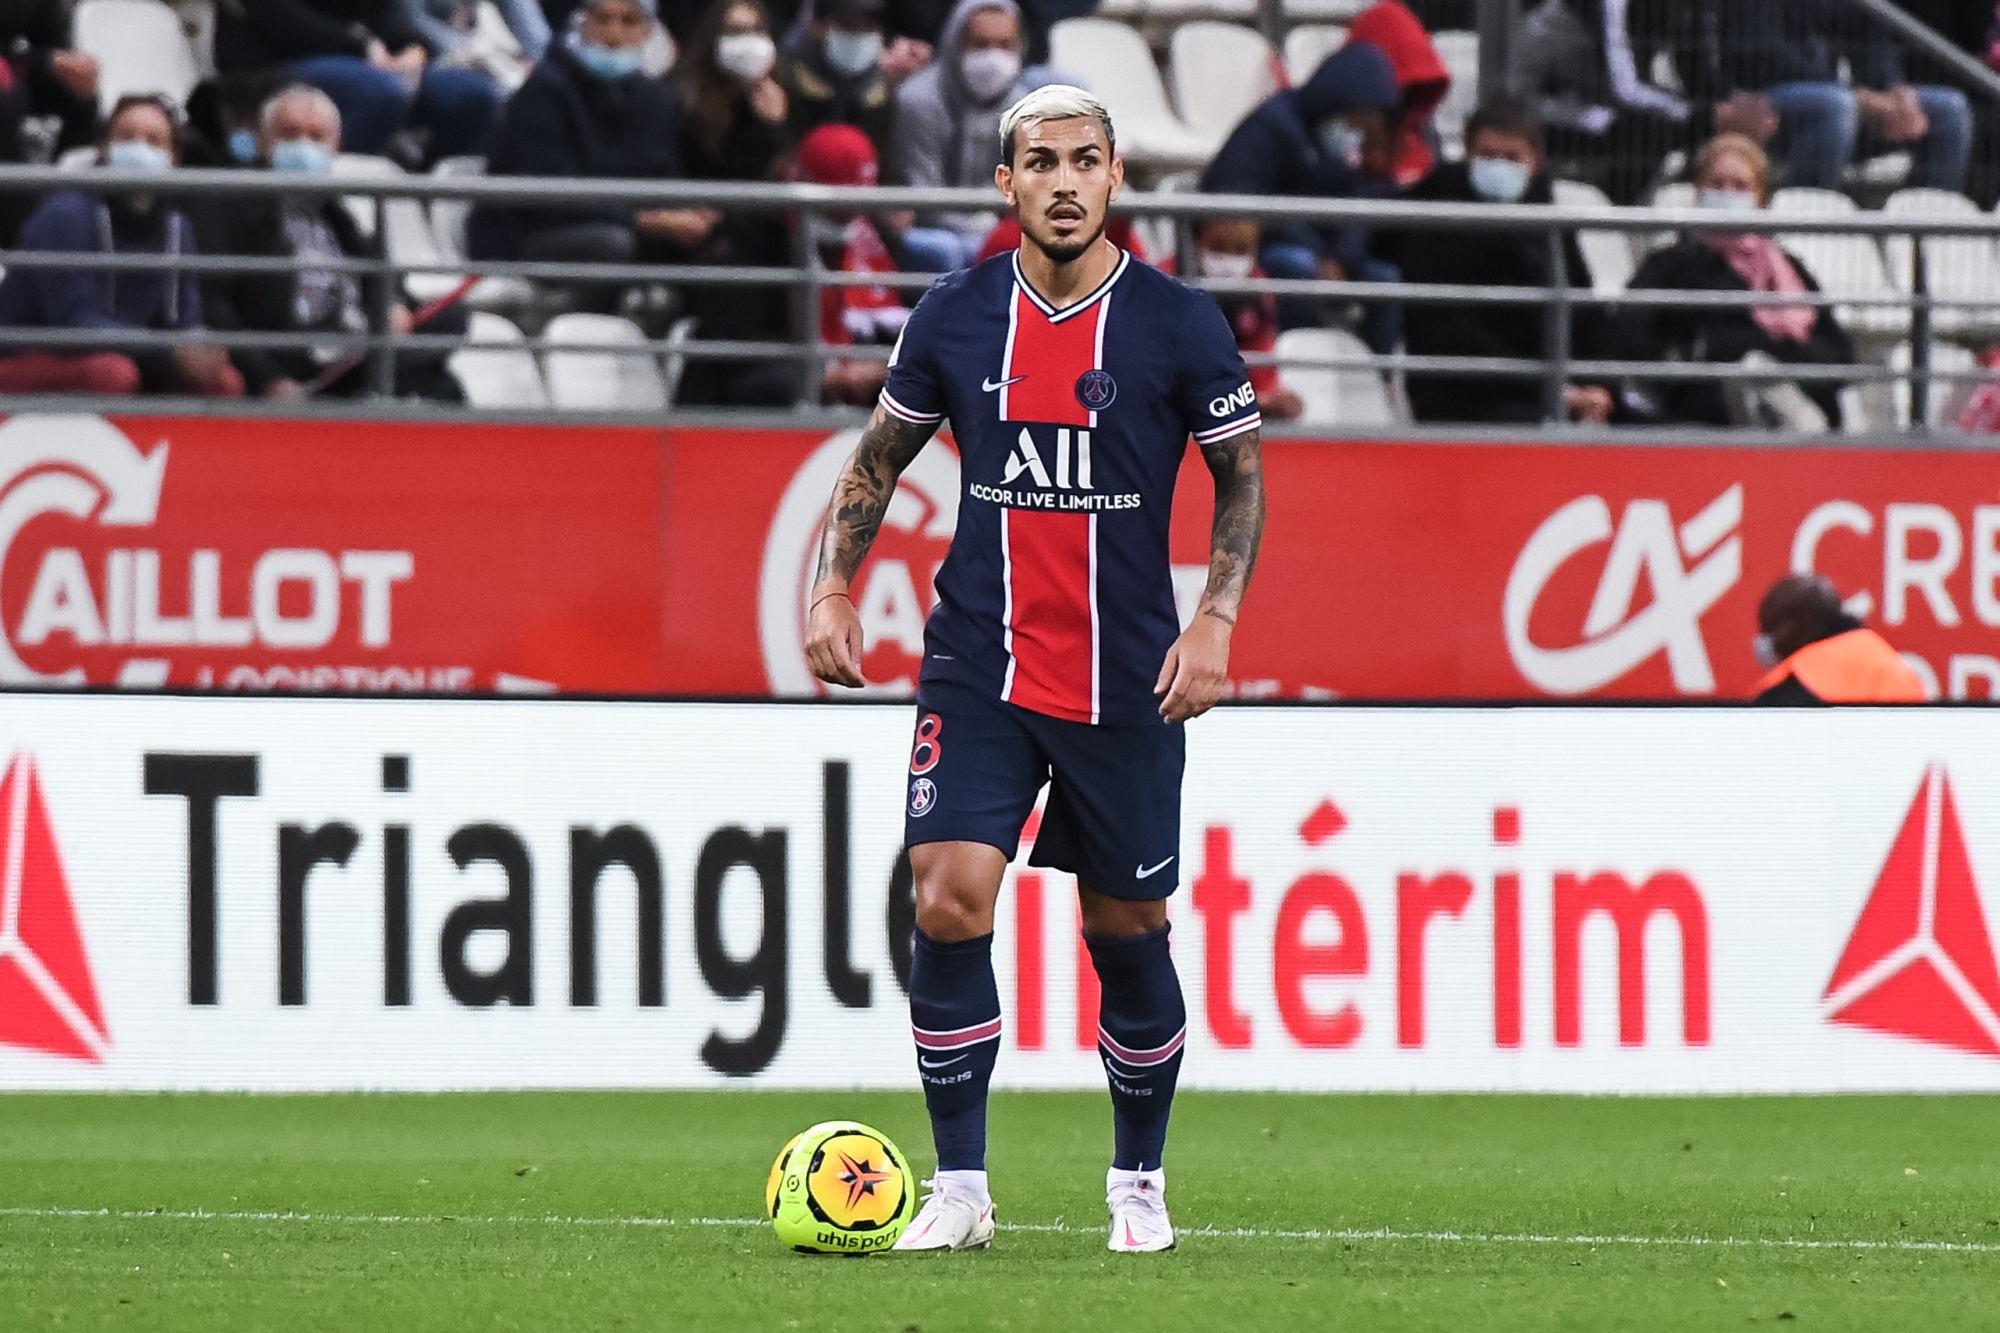 """PSG/Montpellier - Paredes évoque un match """"difficile"""" et la concurrence en Ligue 1"""